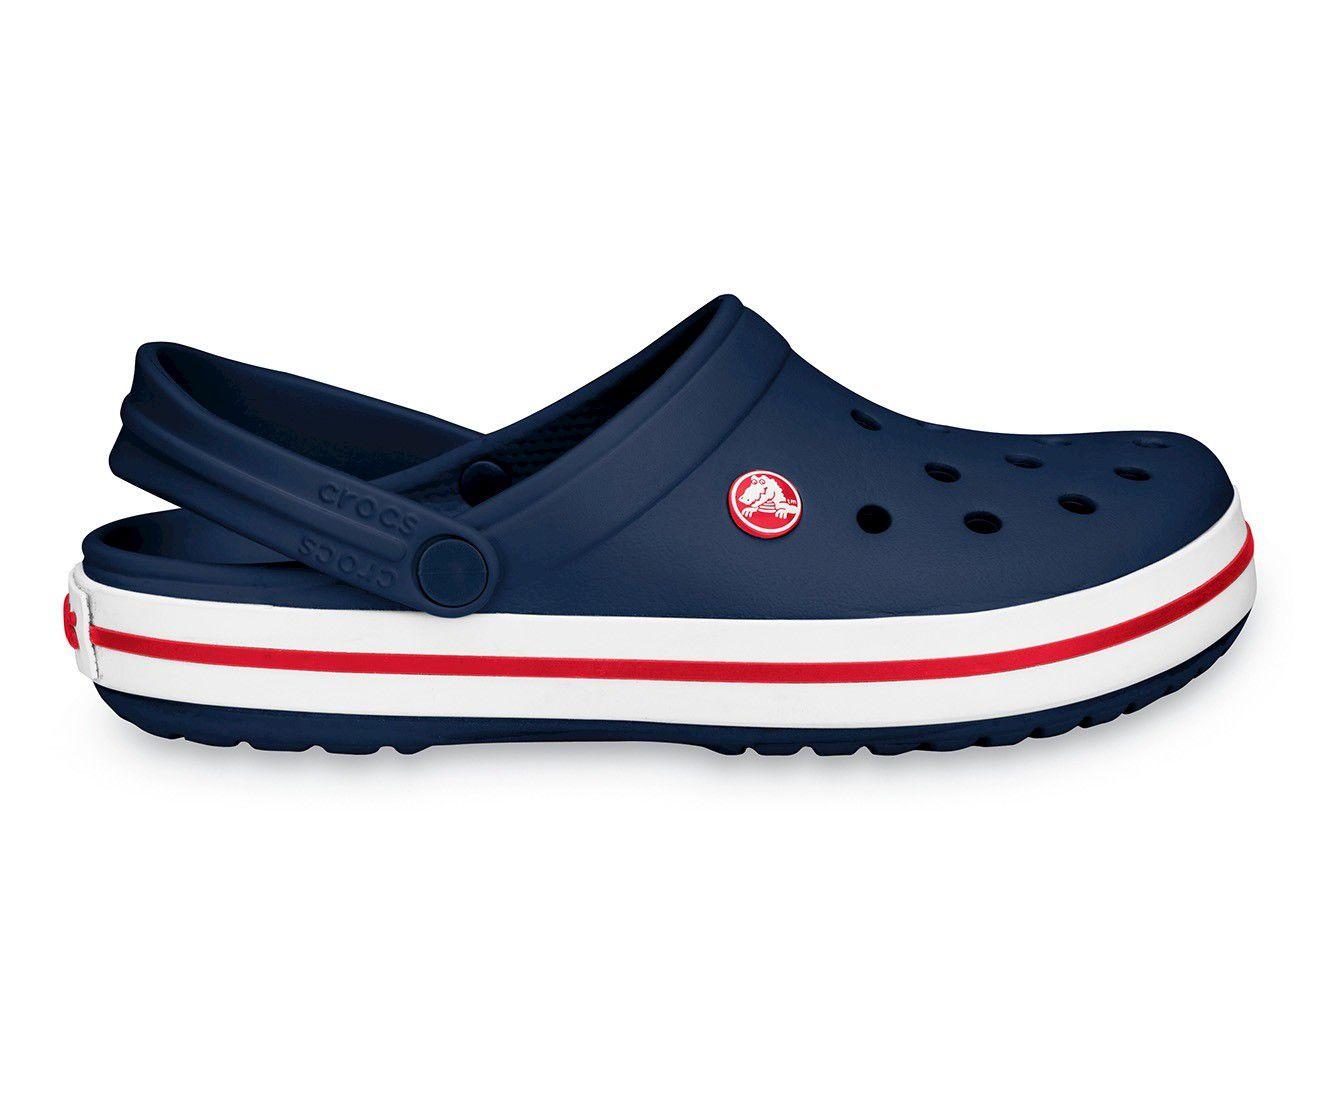 Sandália Crocs Crocband Adulto Navy